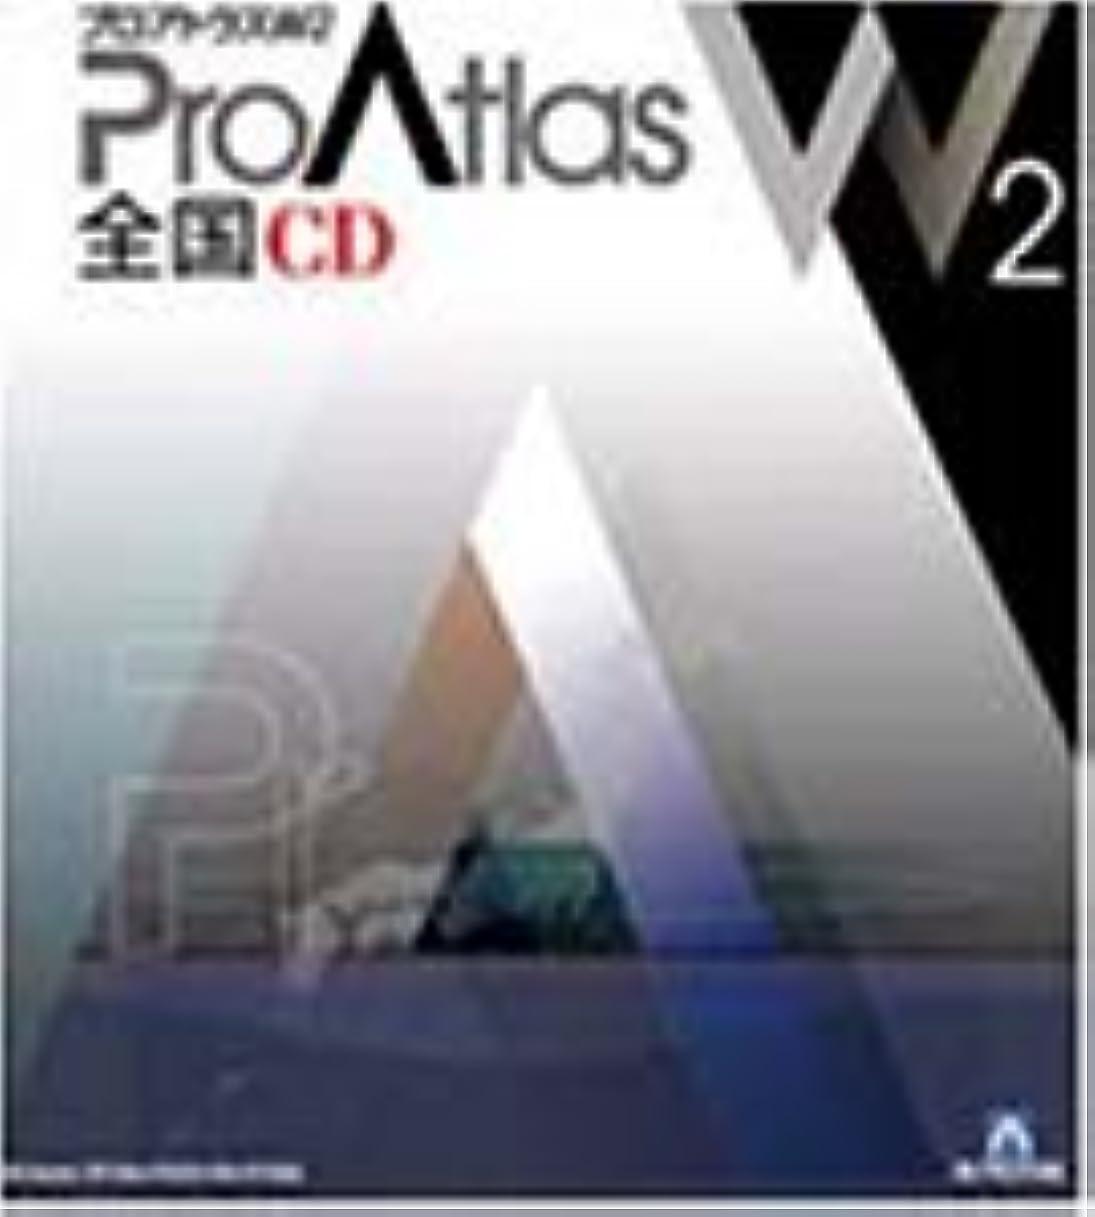 教授証拠考古学的なプロアトラスW2 全国CD+書籍 アトラスRDX関東